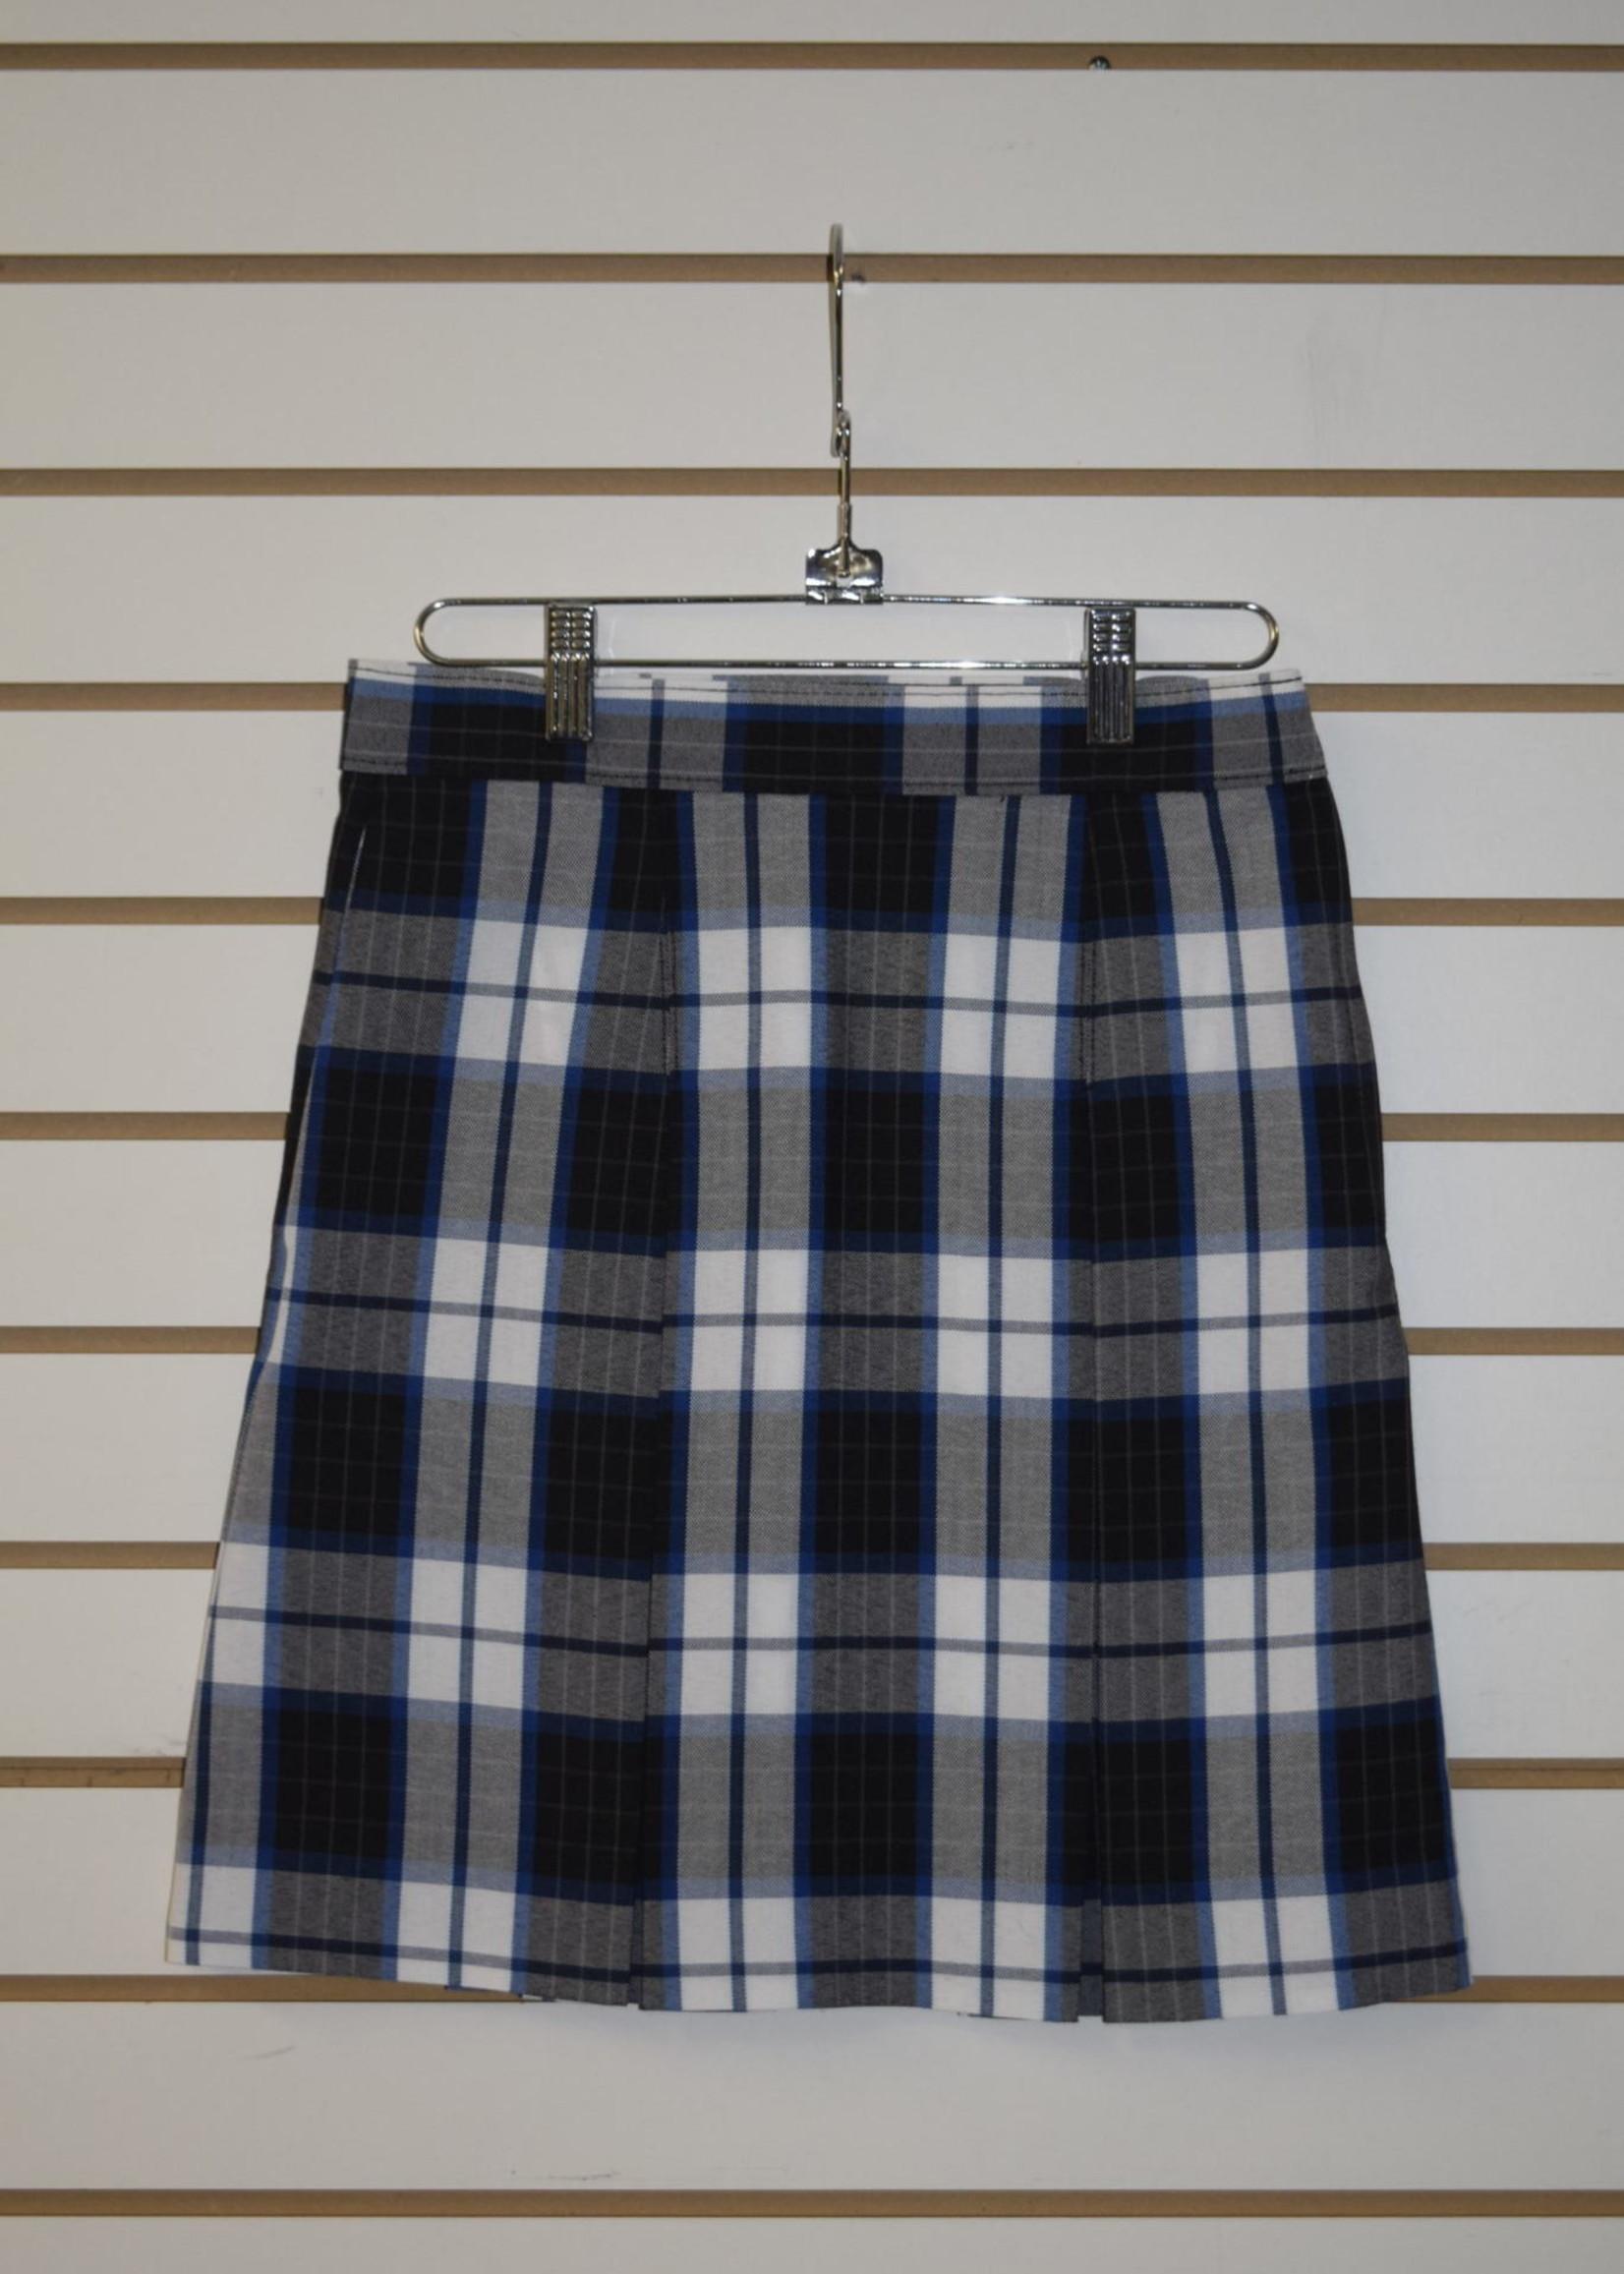 1034 Skirt 4 Pleat - Regular - P114